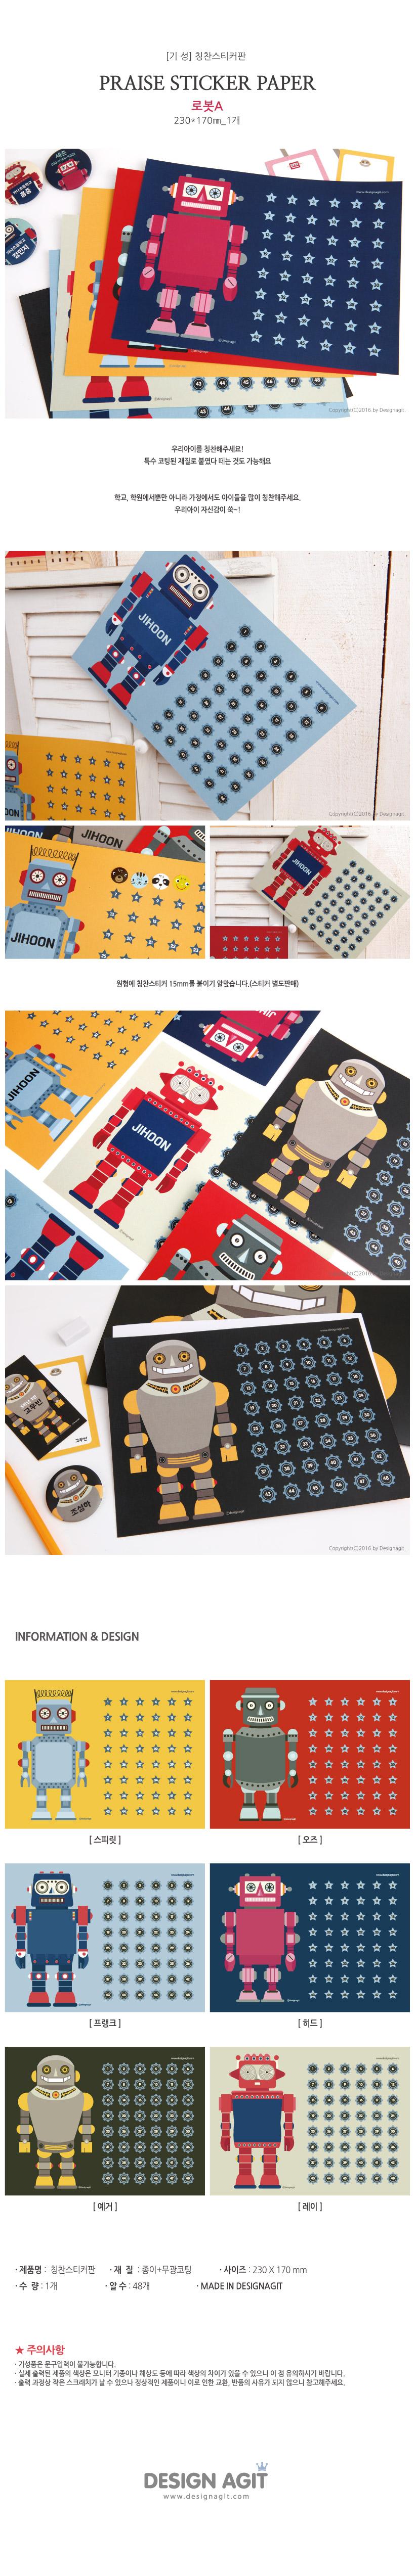 기성 칭찬스티커판 로봇A500원-디자인아지트디자인문구, 데코레이션, 스티커, 칭찬스티커바보사랑기성 칭찬스티커판 로봇A500원-디자인아지트디자인문구, 데코레이션, 스티커, 칭찬스티커바보사랑